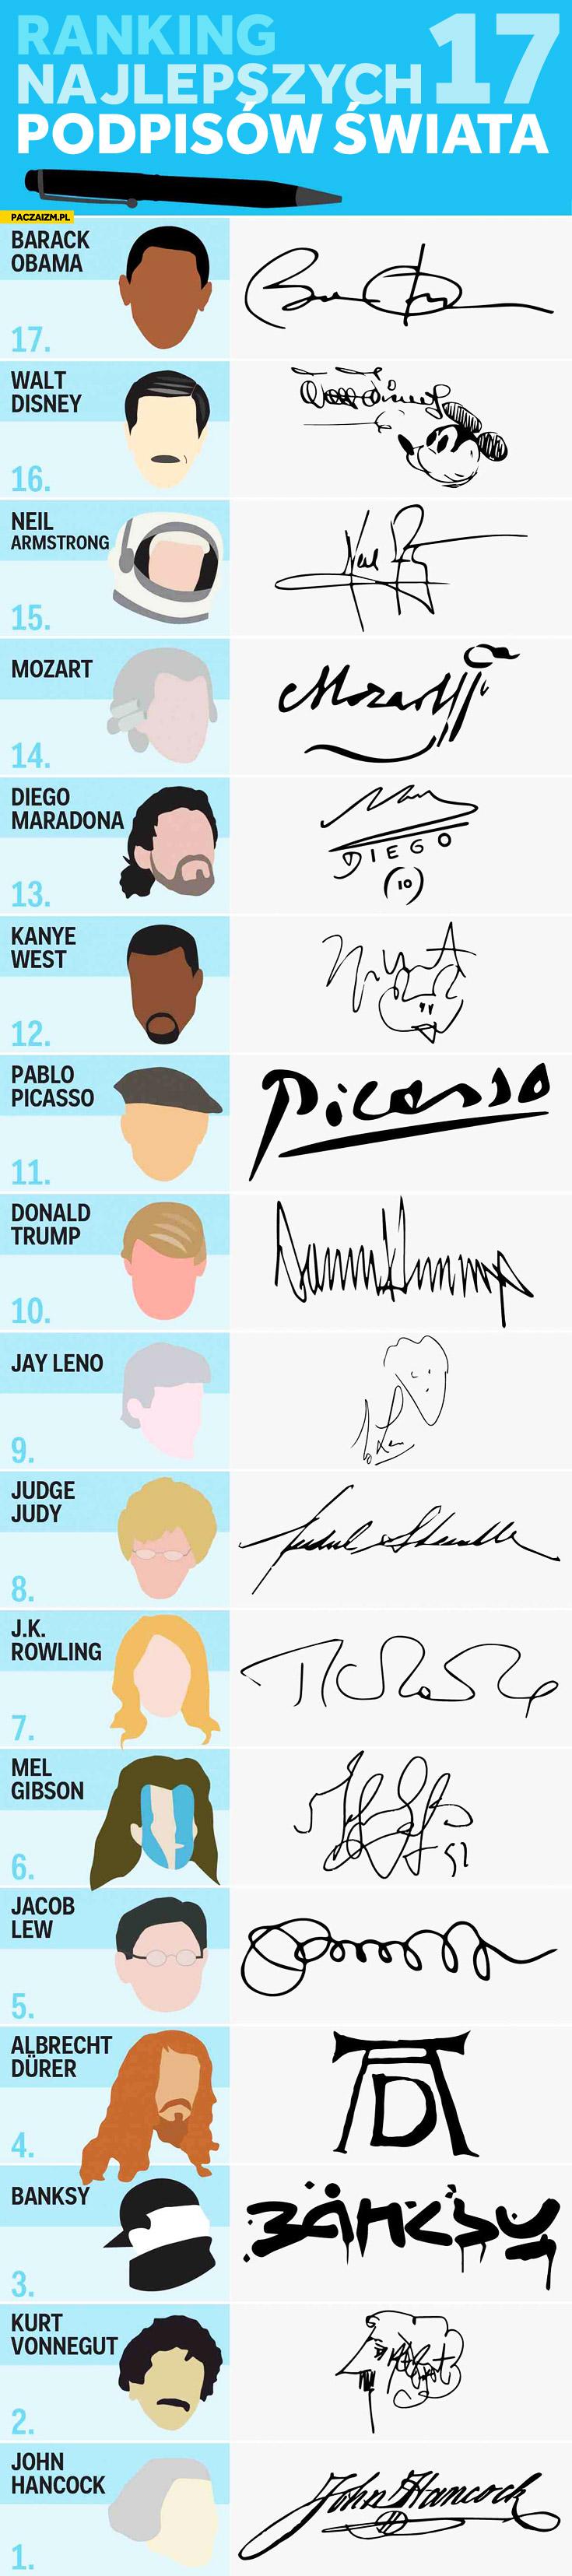 Ranking 17 najlepszych podpisów świata